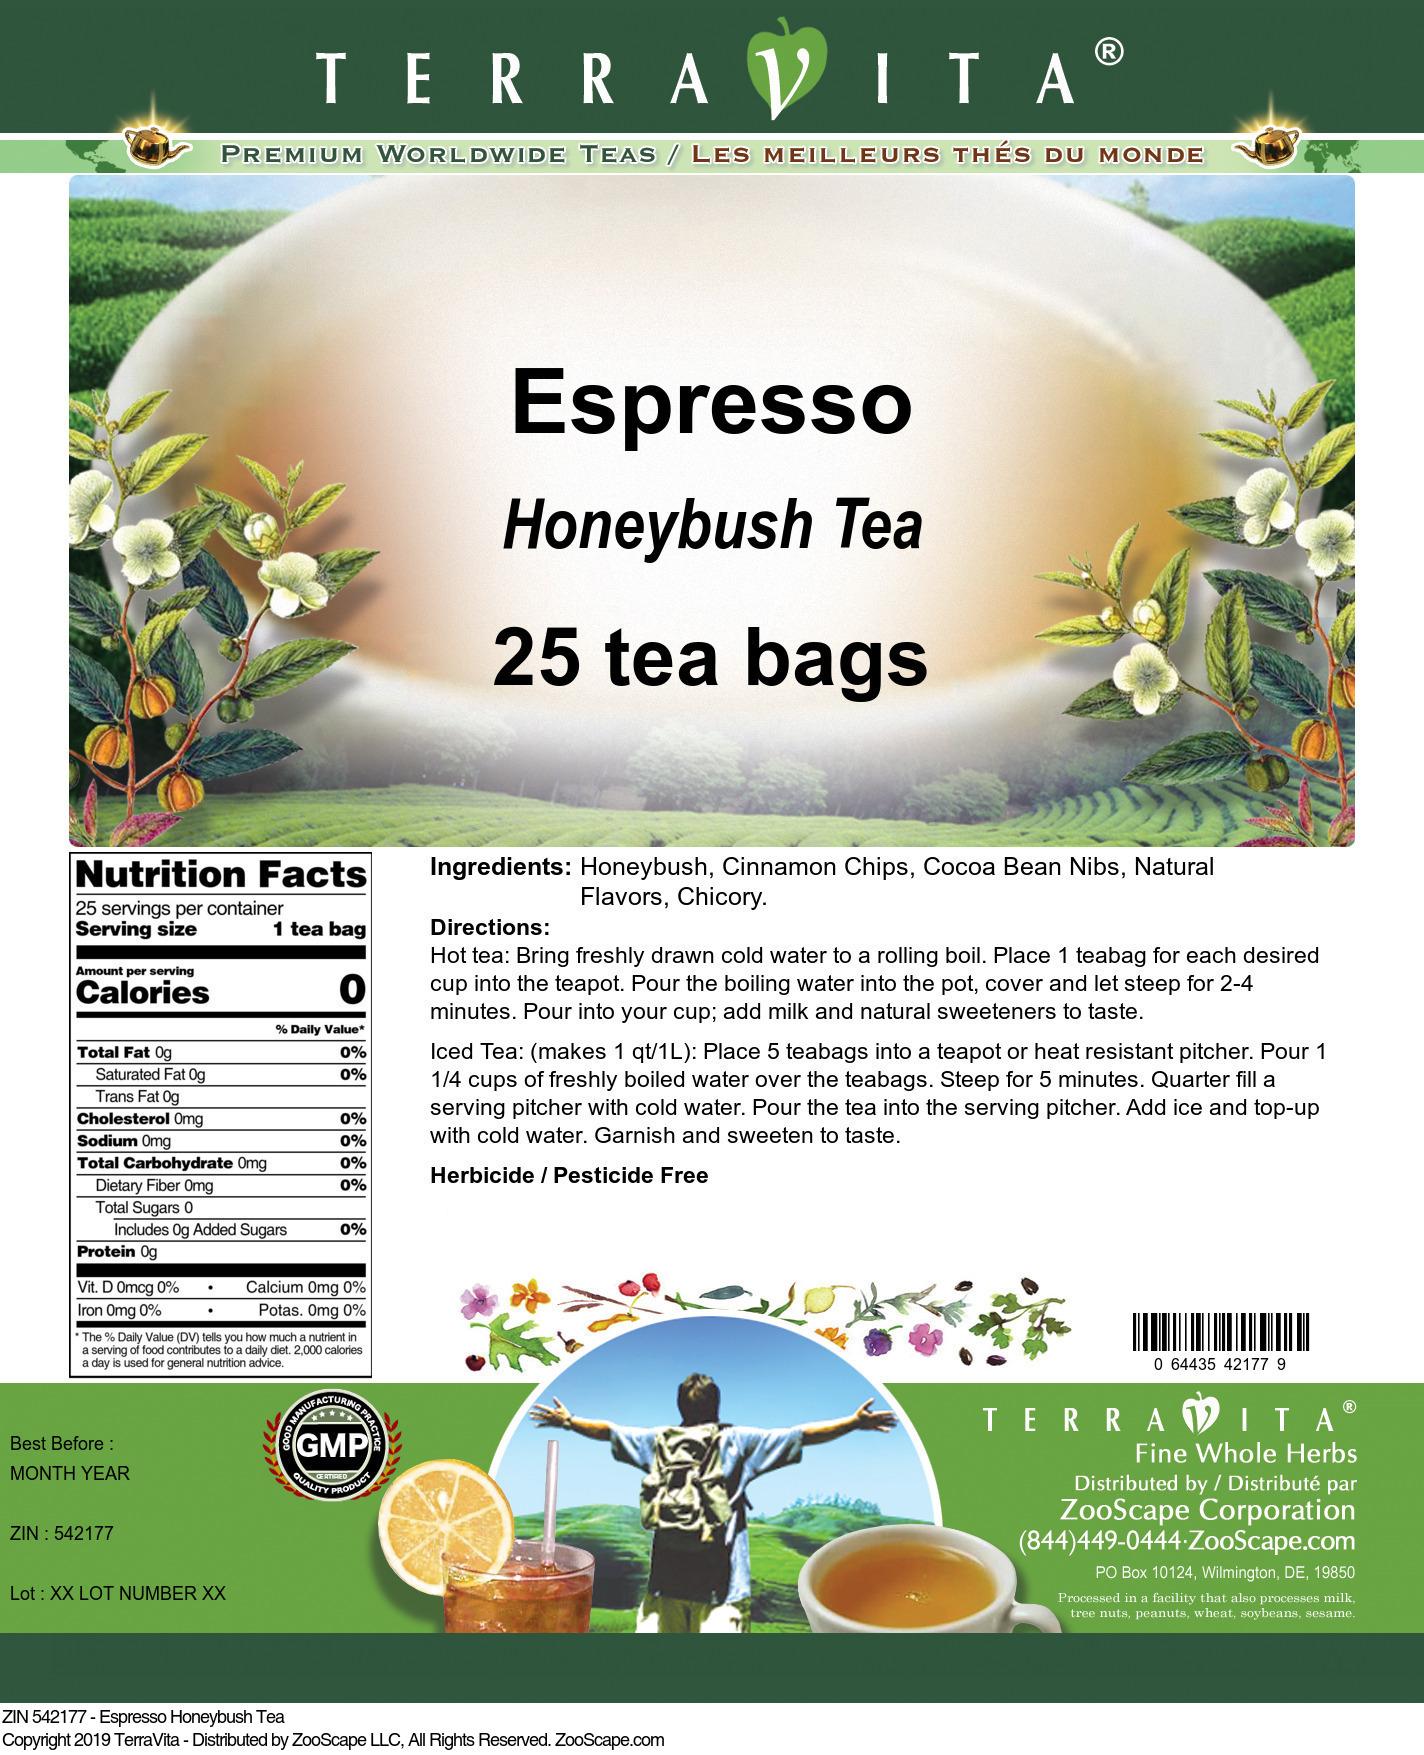 Espresso Honeybush Tea